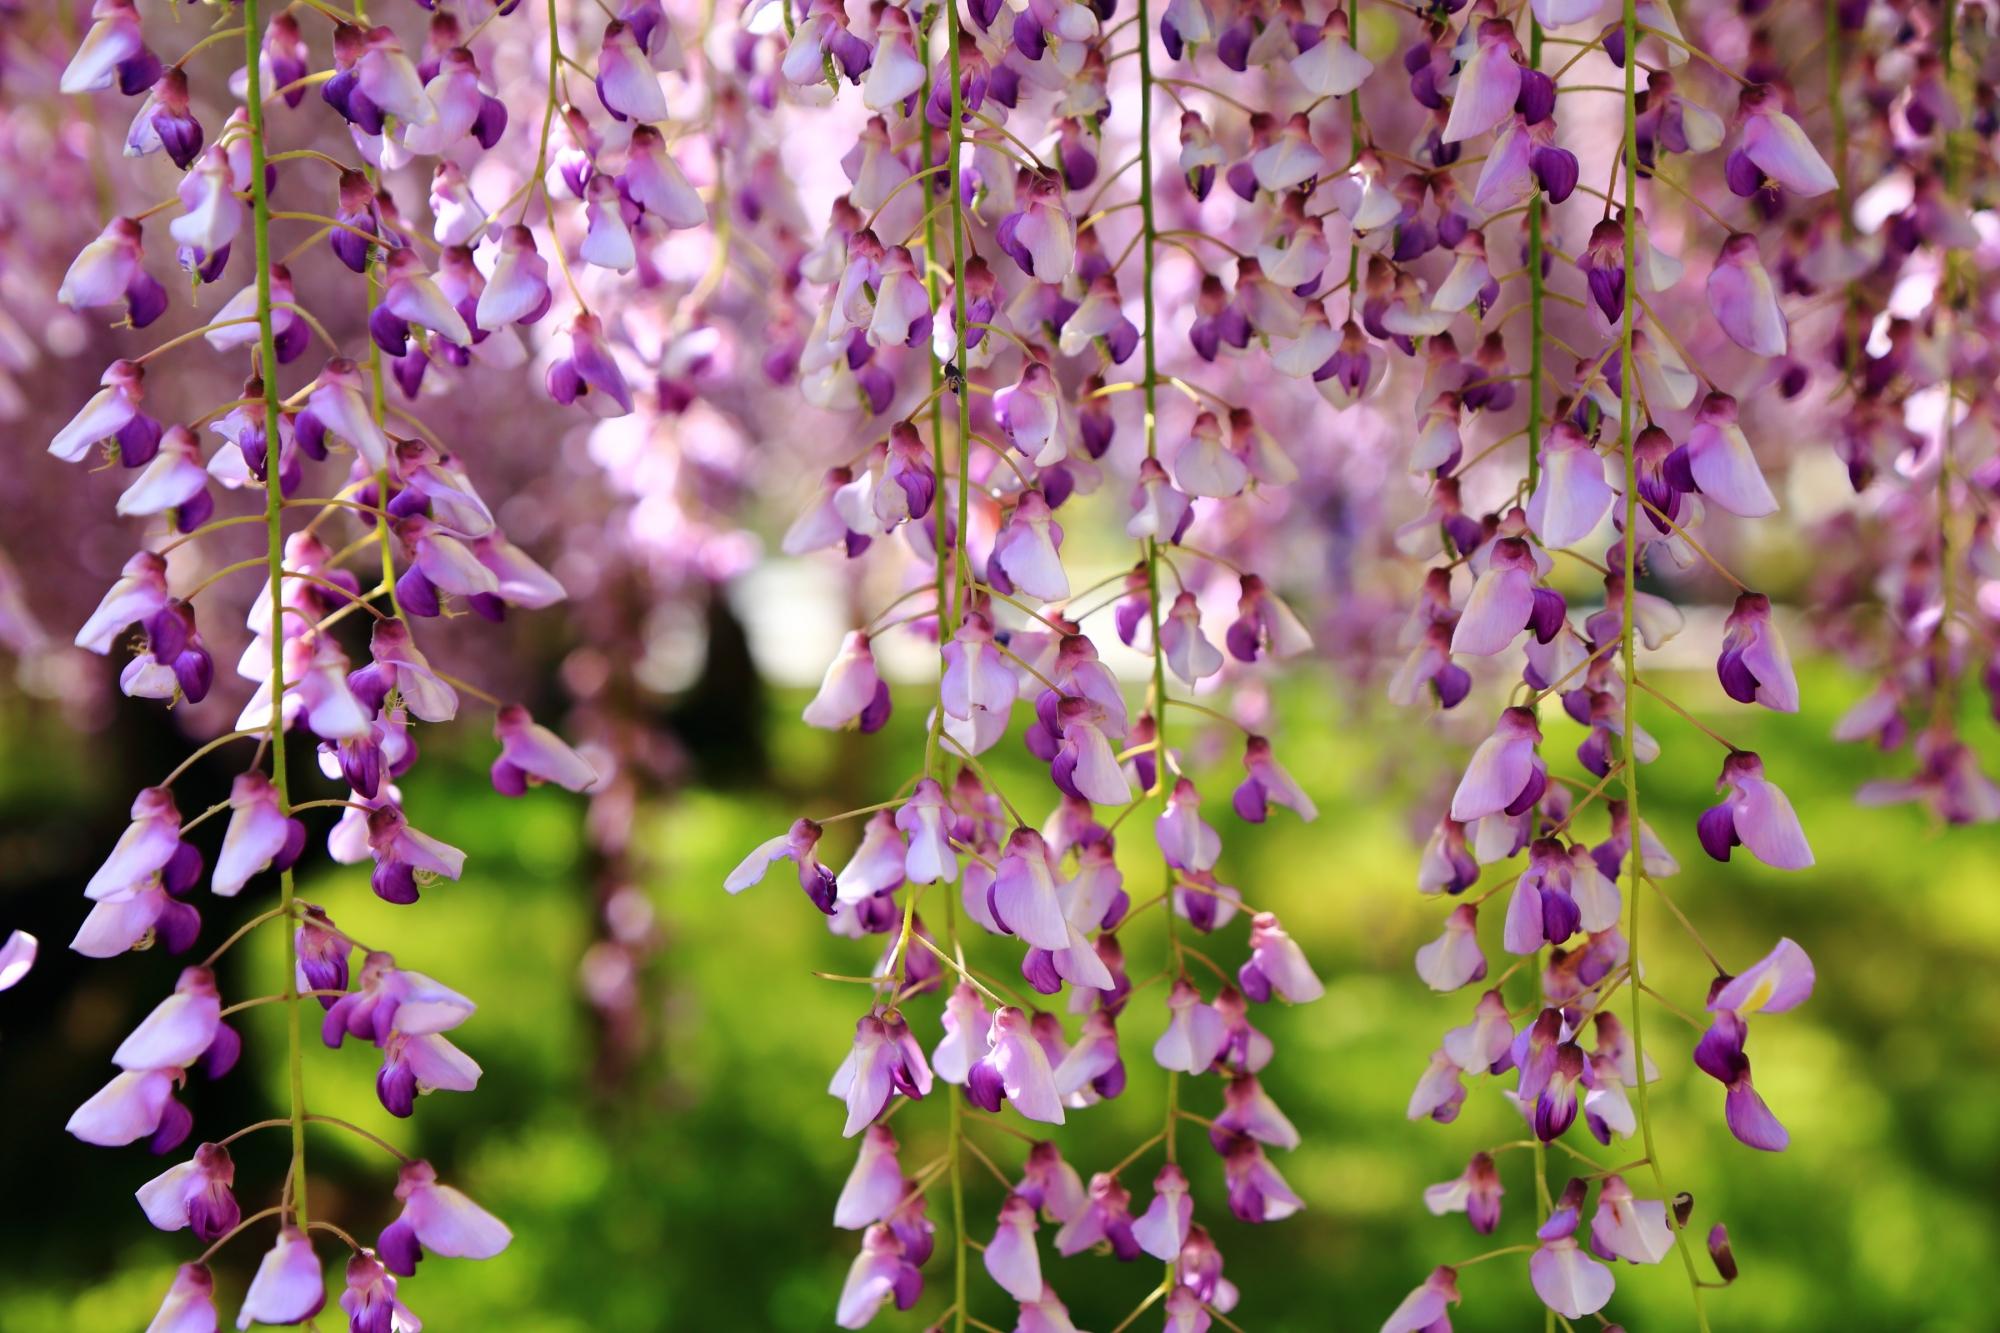 長閑な春を彩る長く伸びた紫の藤